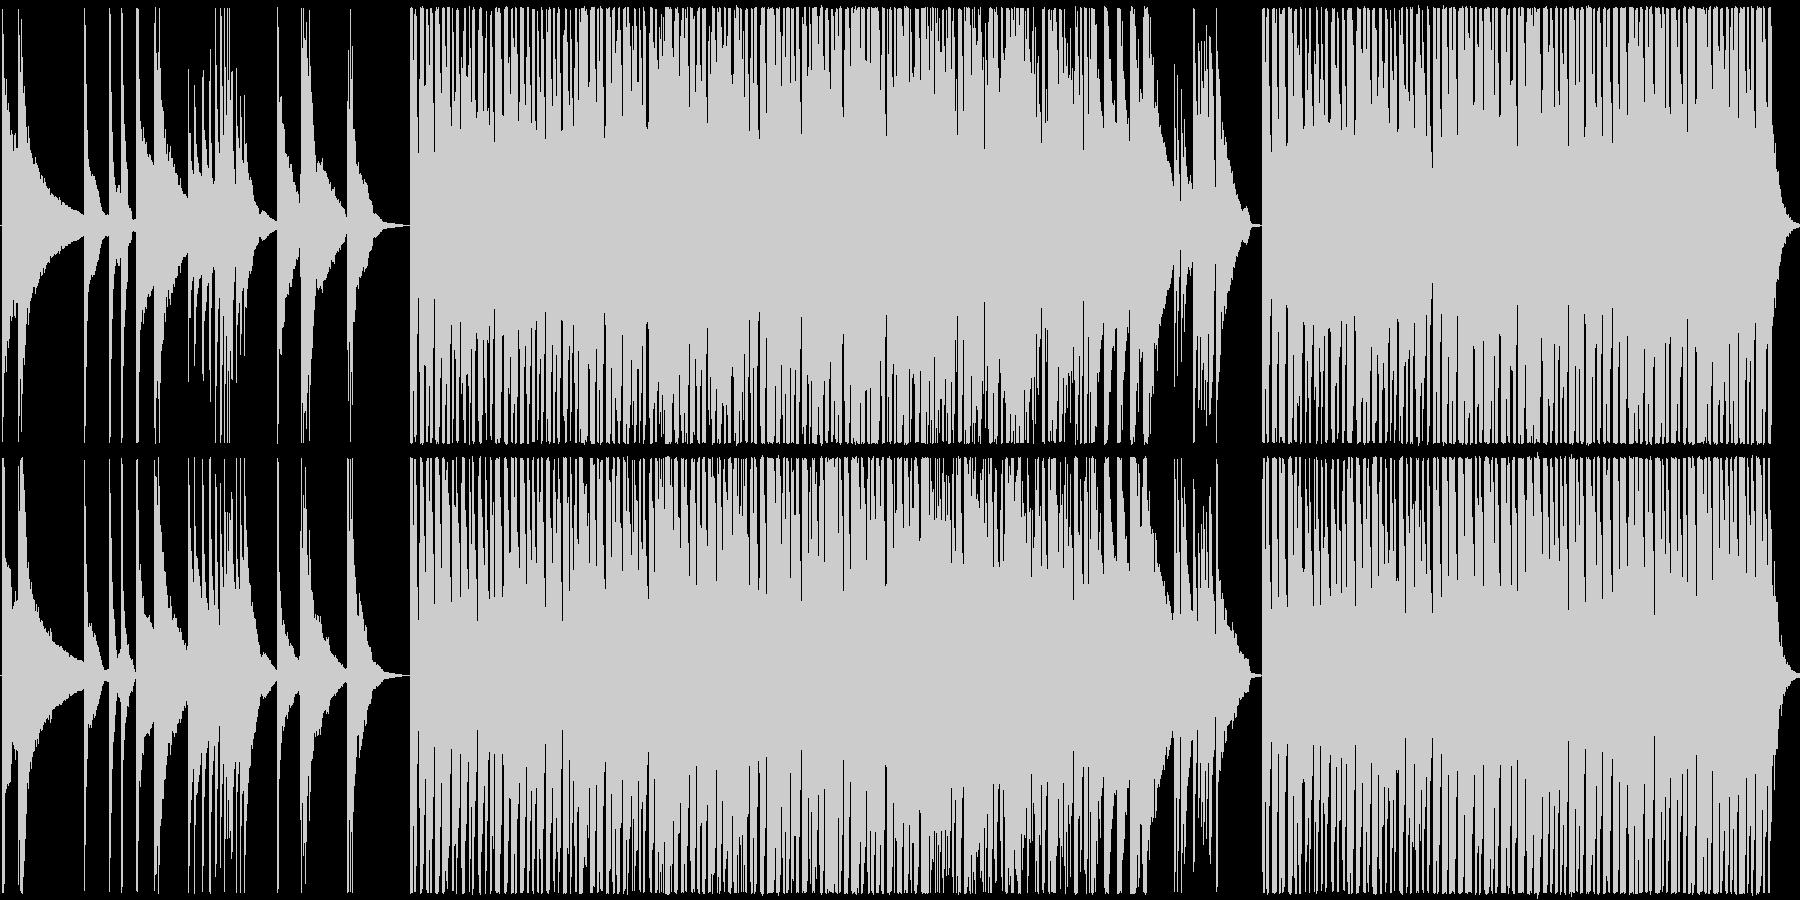 ピアノとピチカートのしっとりした曲ですの未再生の波形